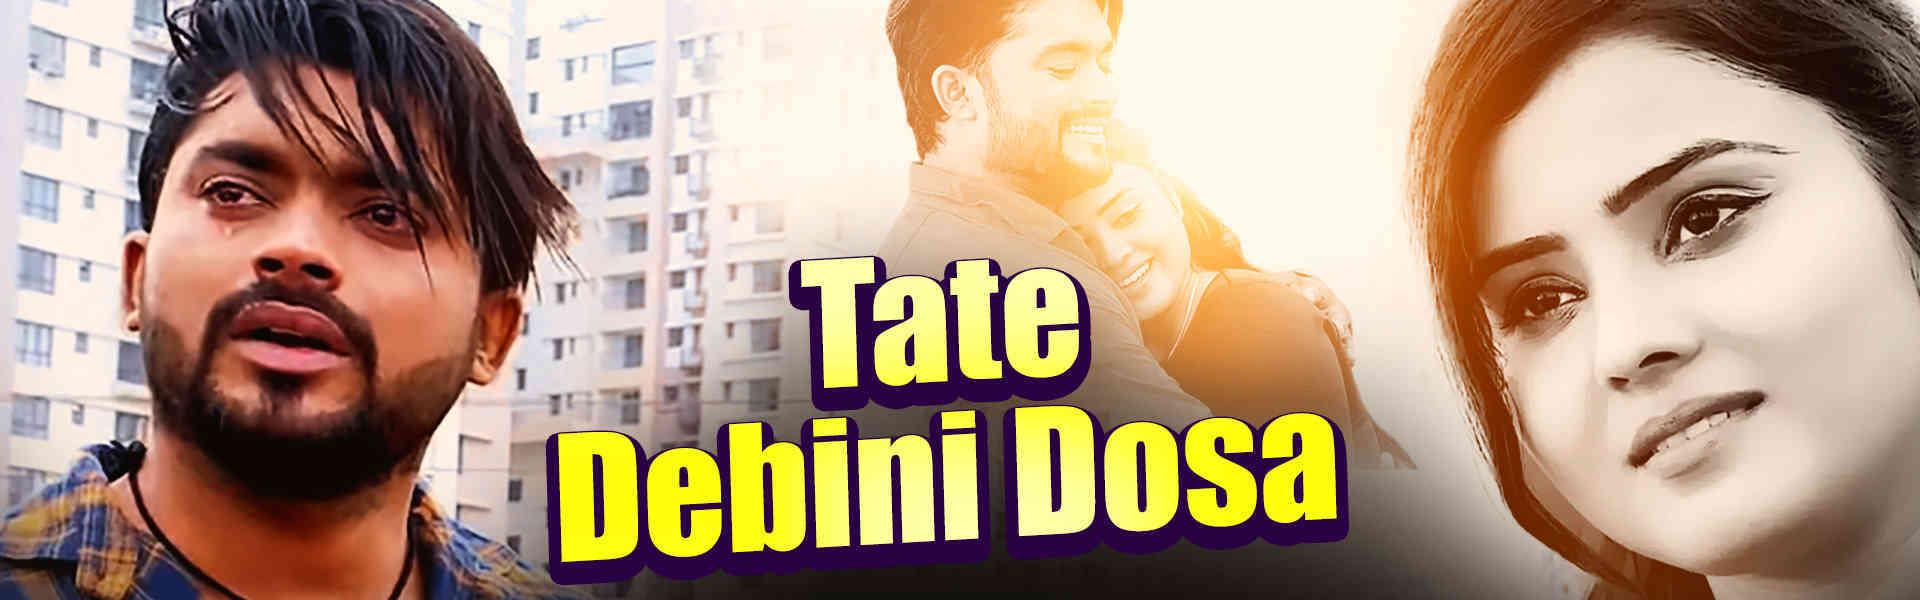 Tate Debini Dosa